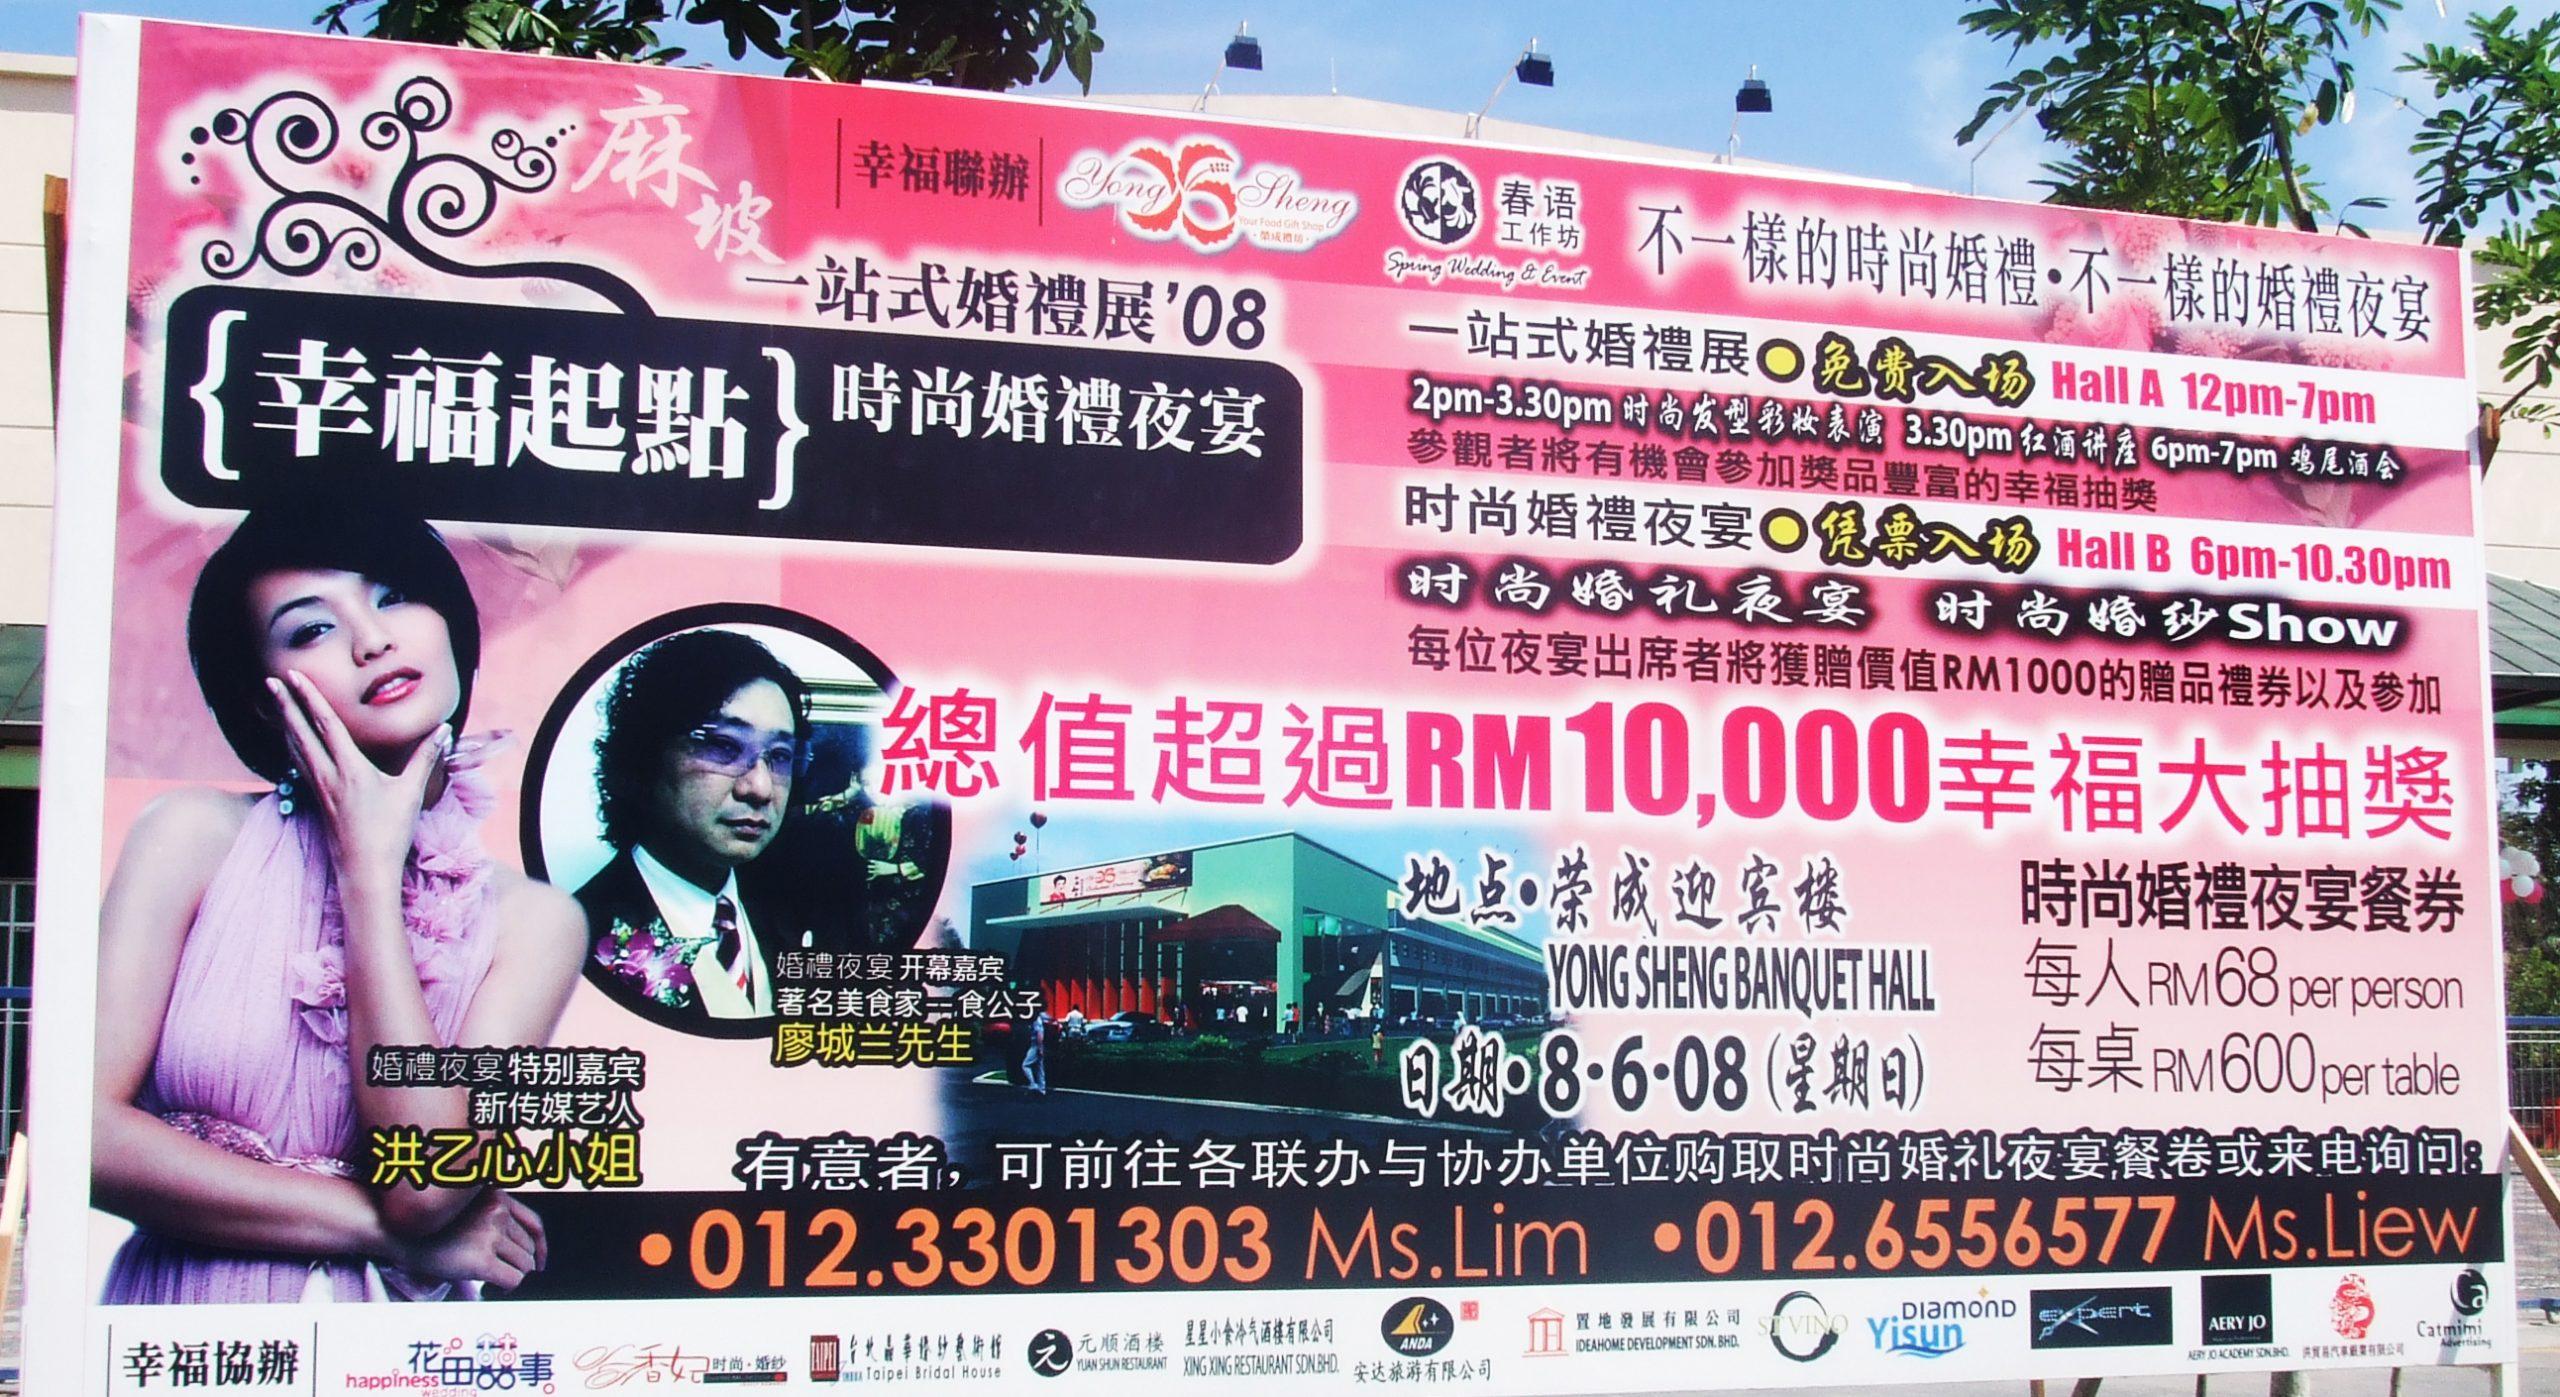 马来西亚食神-食公子与新加坡艺人於主要道路的大型广告牌